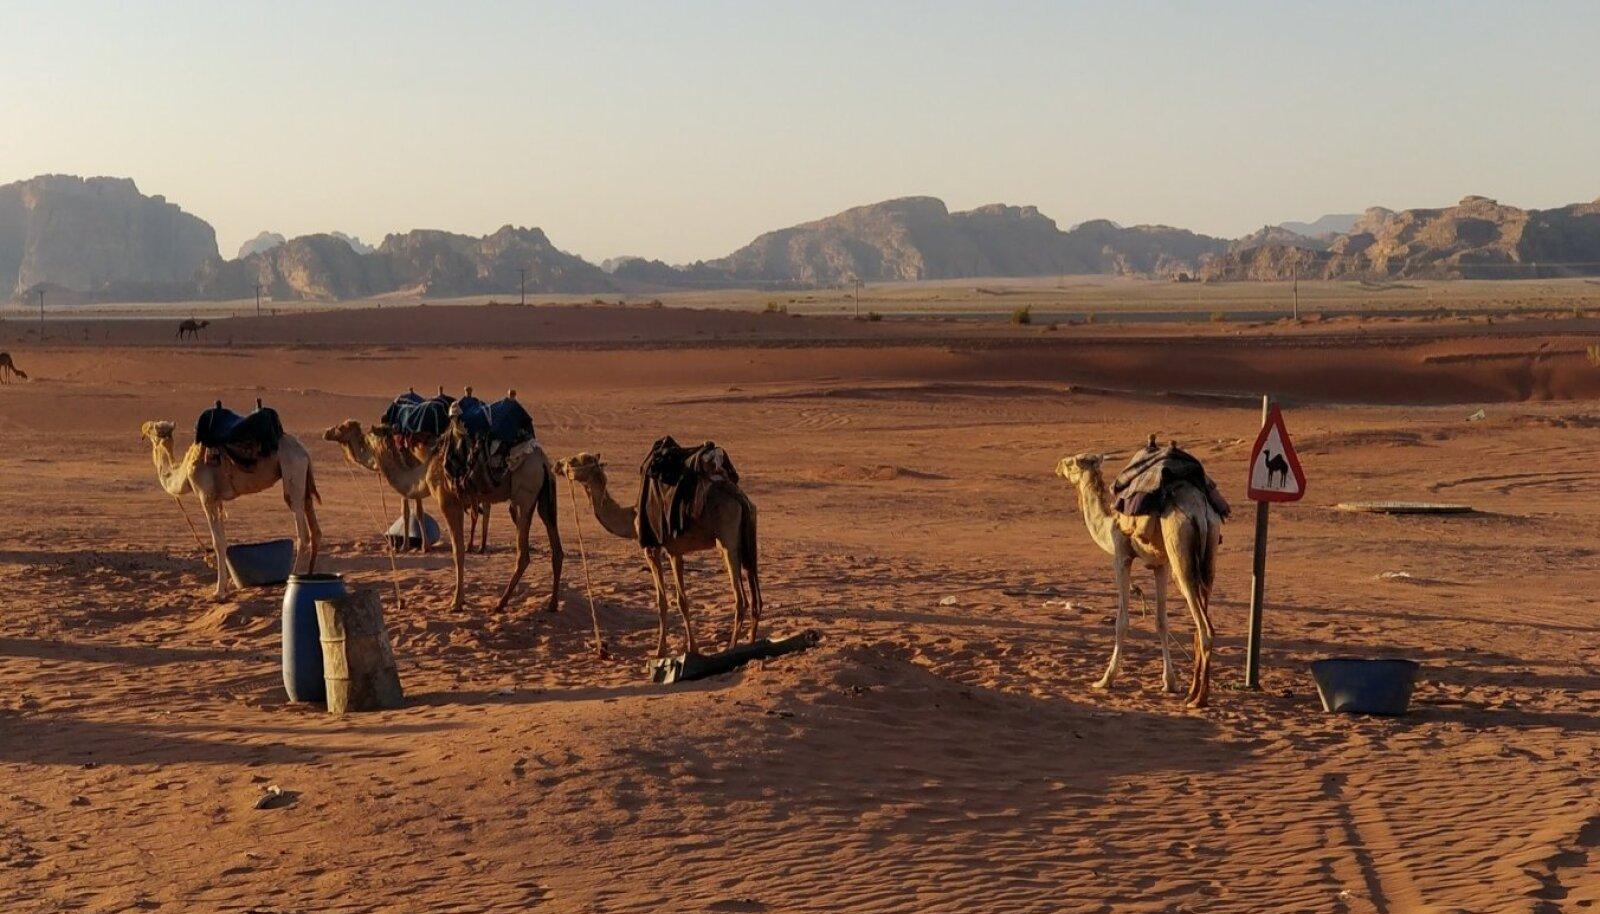 ELU MARSIL: Kui neid kaameleid ees poleks, siis näeks Wadi Rum välja täpselt Marsi moodi. Seepärast Hollywood marsi-stseene just siin filmiams käib.